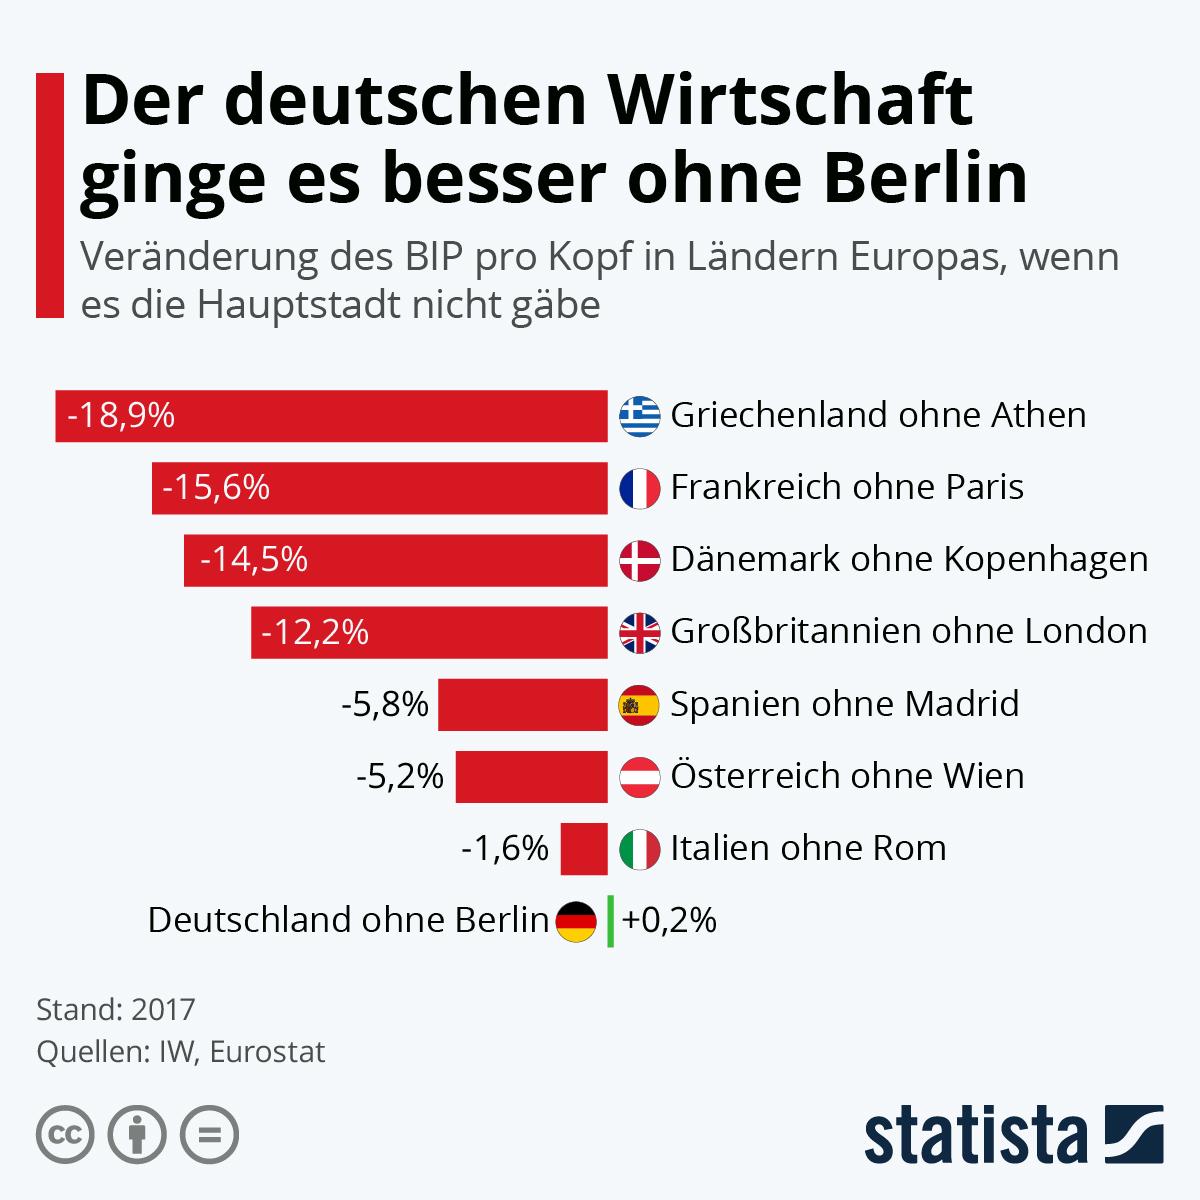 Der deutschen Wirtschaft ginge es besser ohne Berlin | Statista